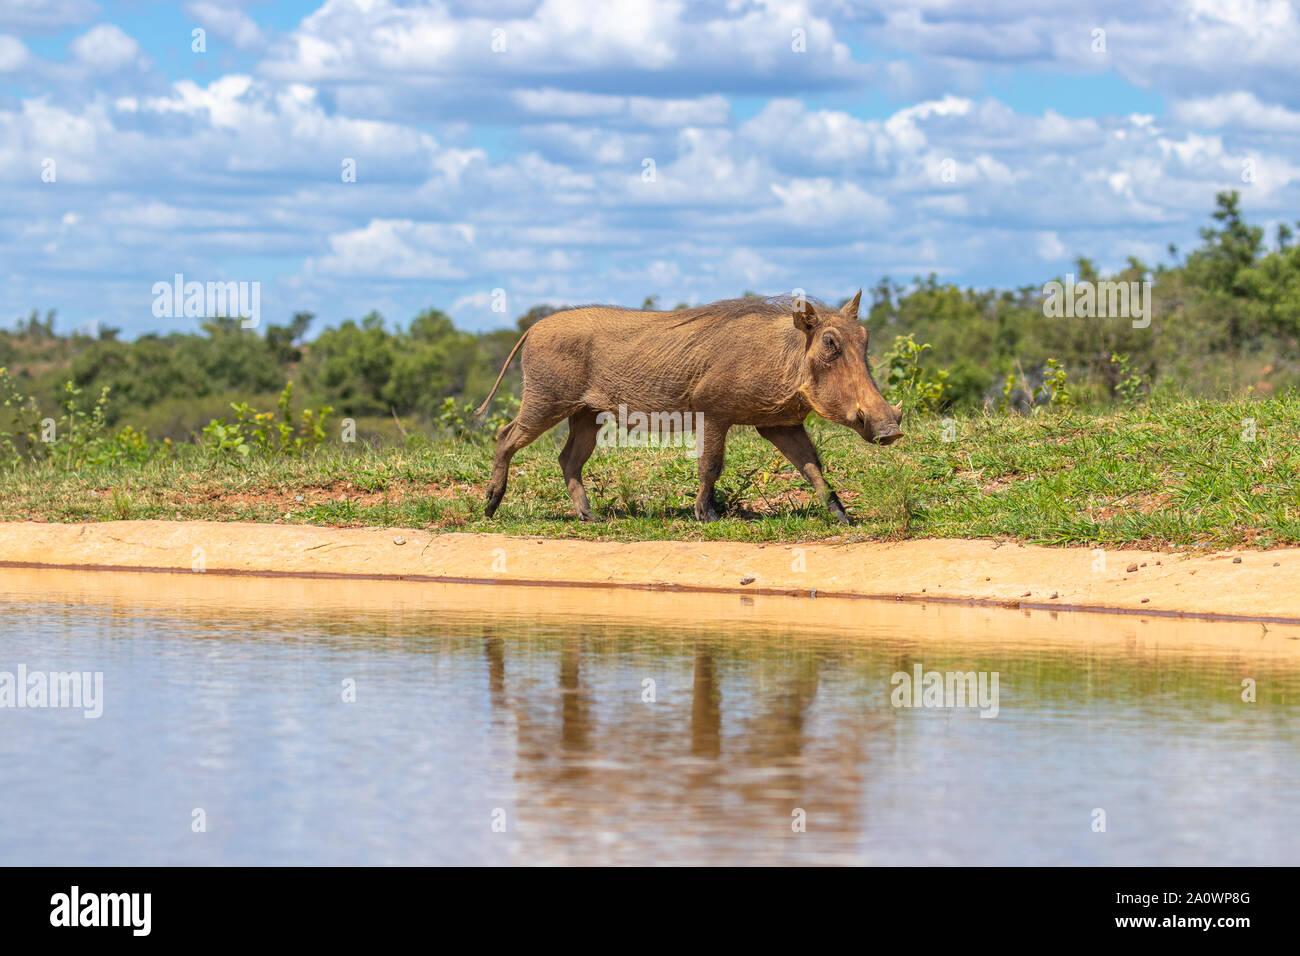 Warthog común (Phacochoerus Africanus) caminando por un waterhole, Welgevonden Game Reserve, Sudáfrica. Foto de stock